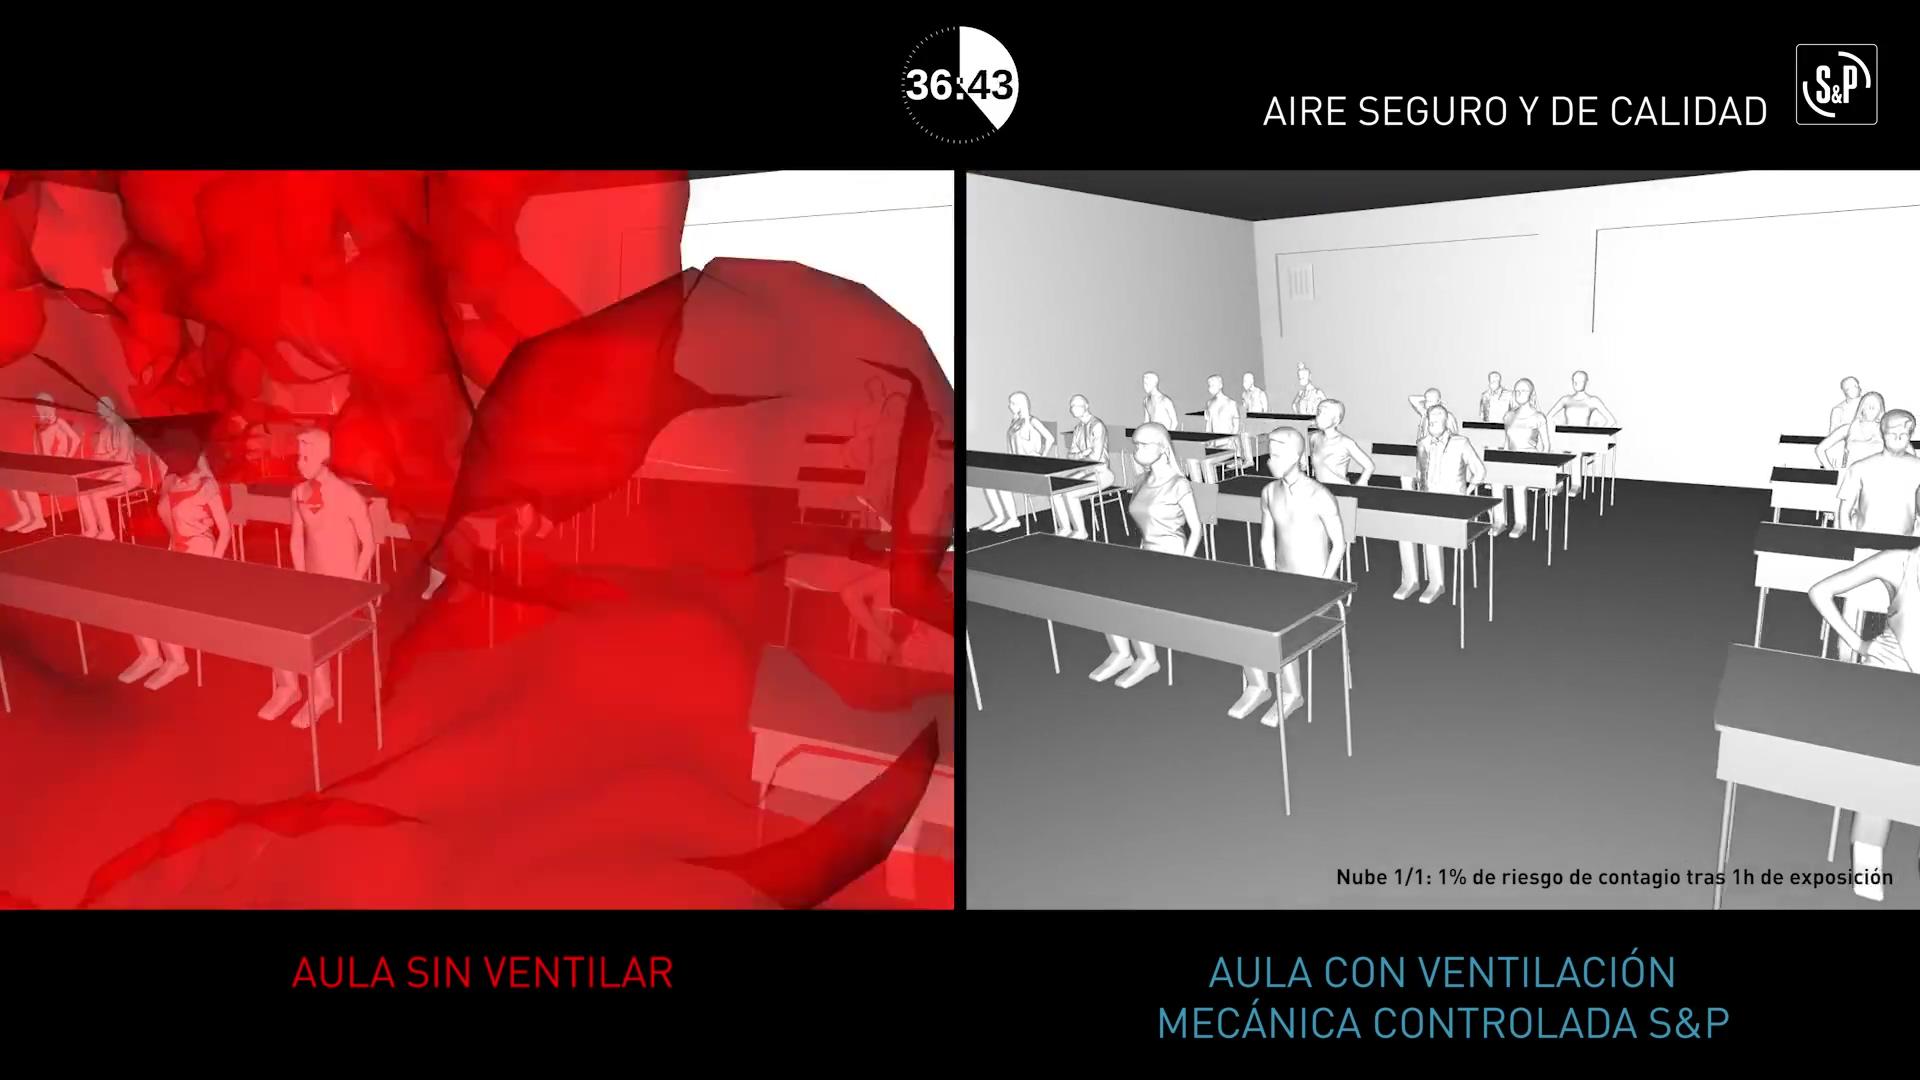 SP-Simulación ventilación en un aula